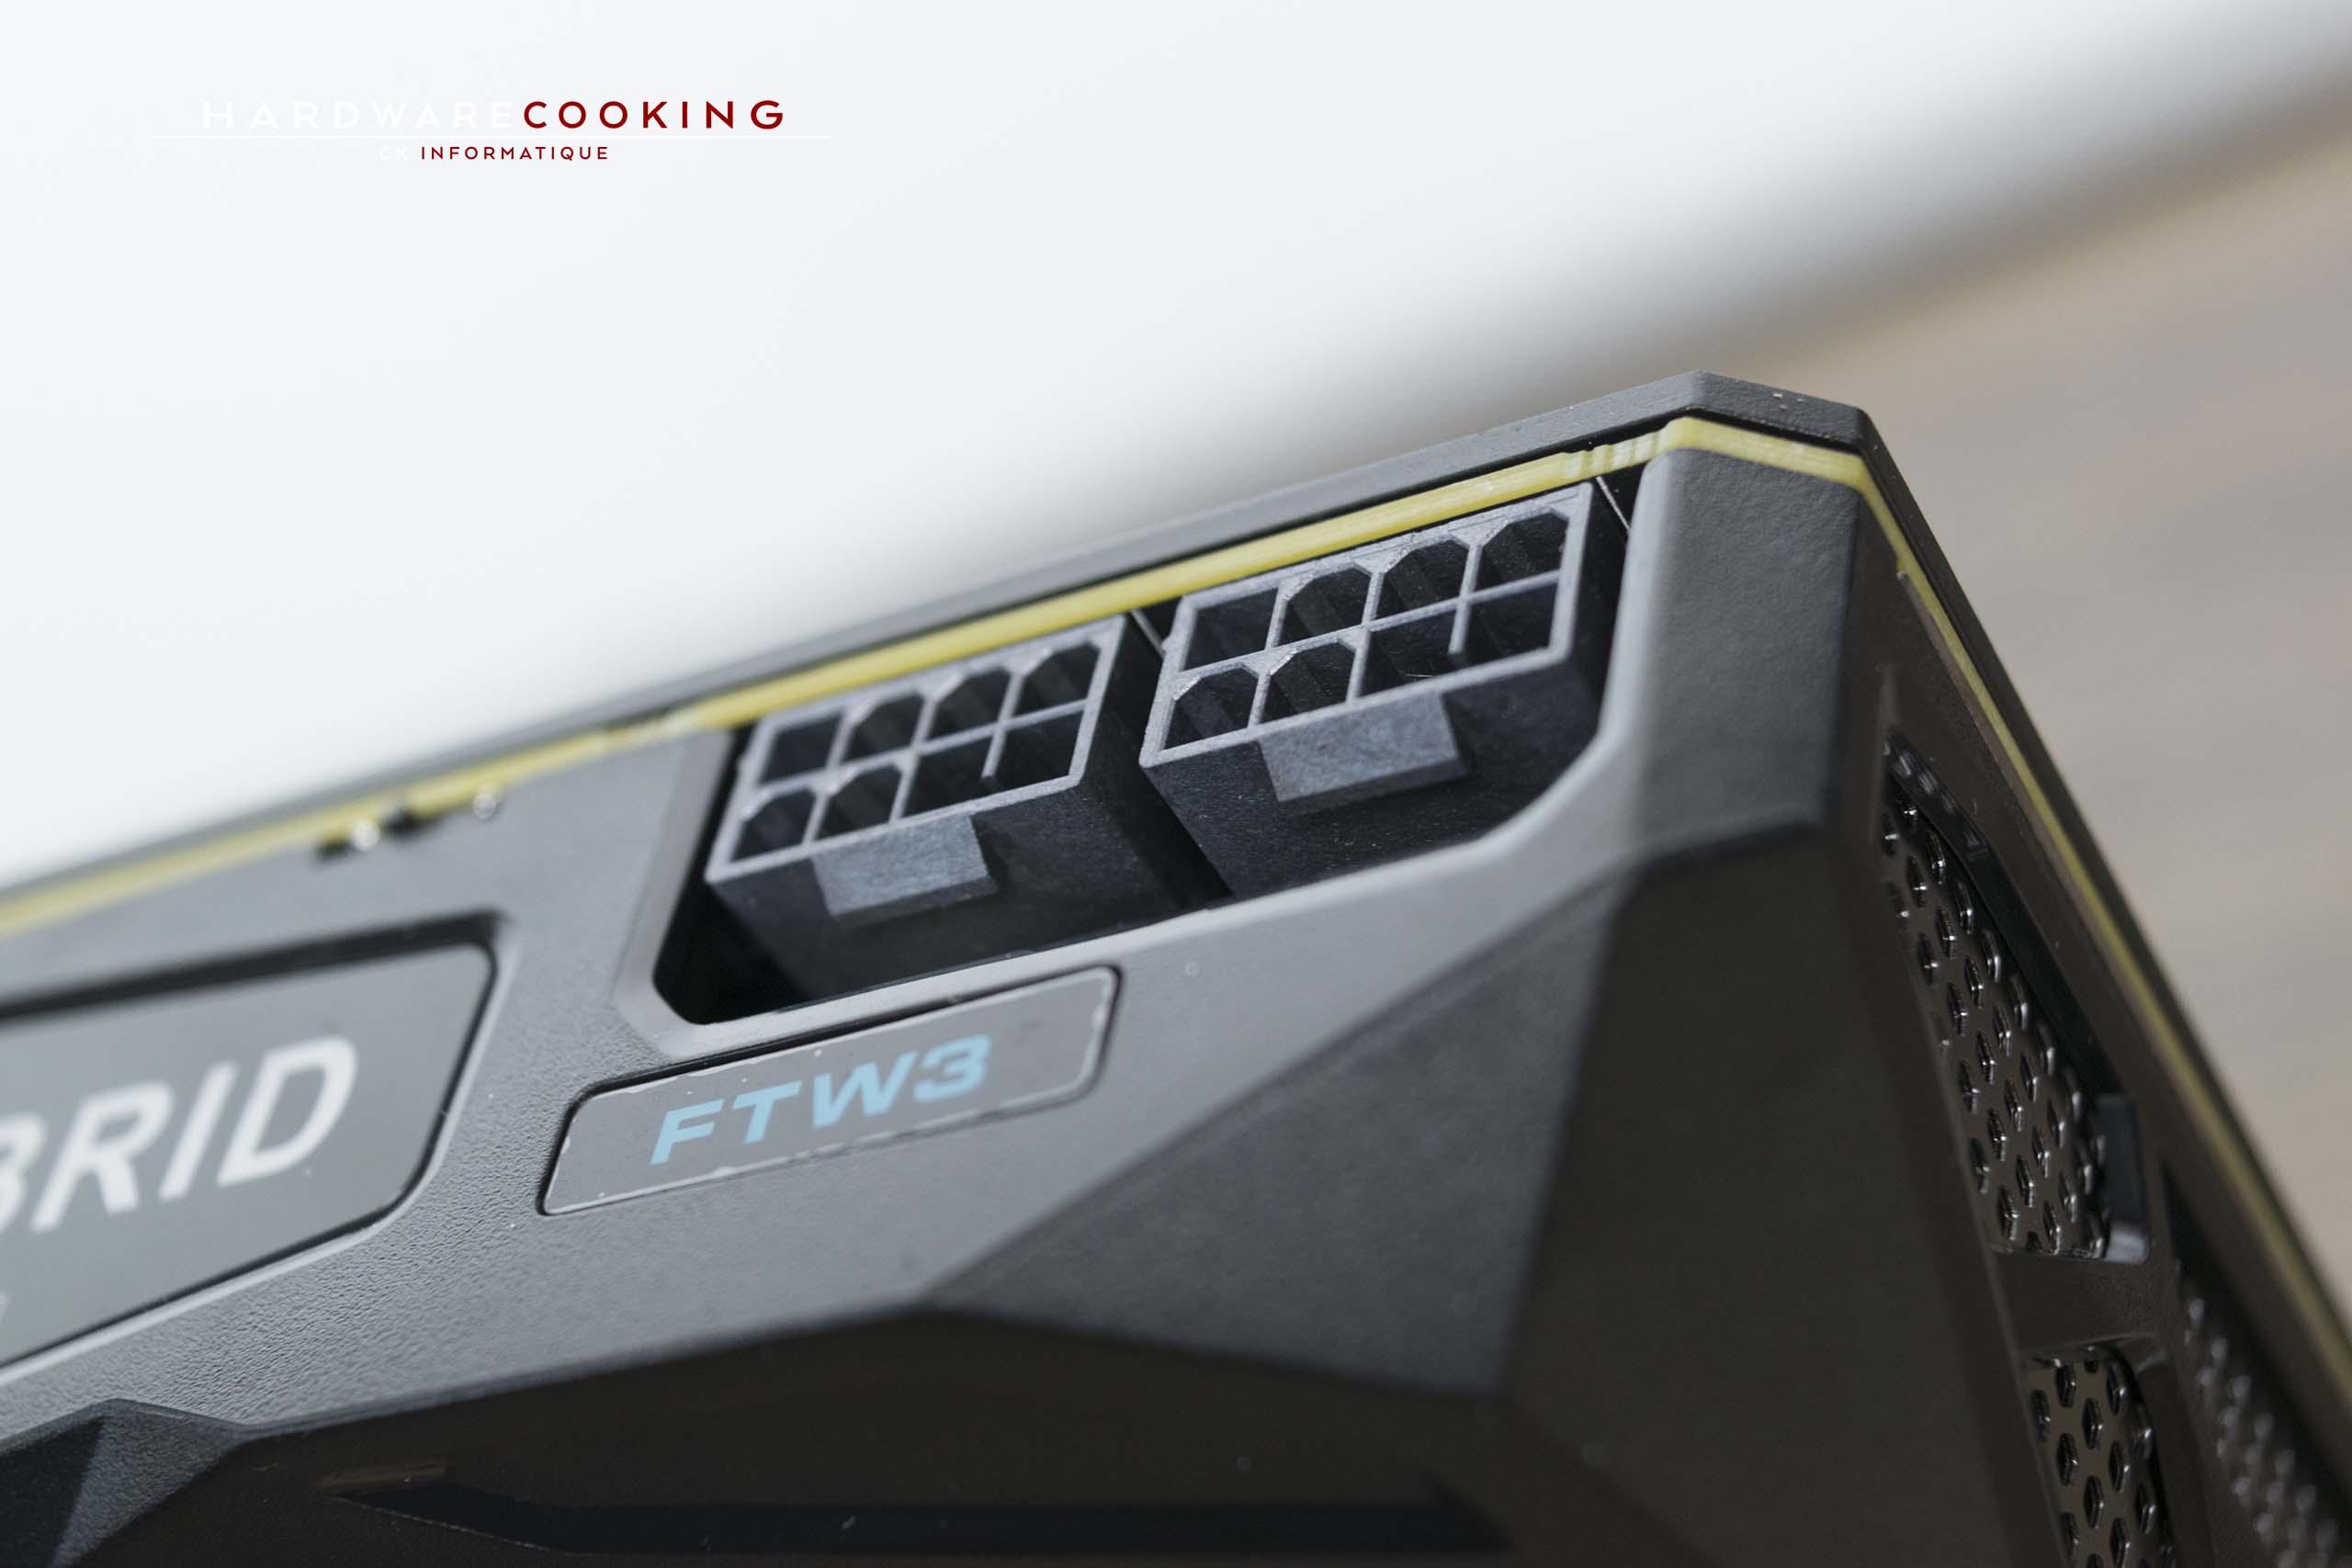 Test : EVGA GTX 1080 Ti FTW3 HYBRID - HardwareCooking